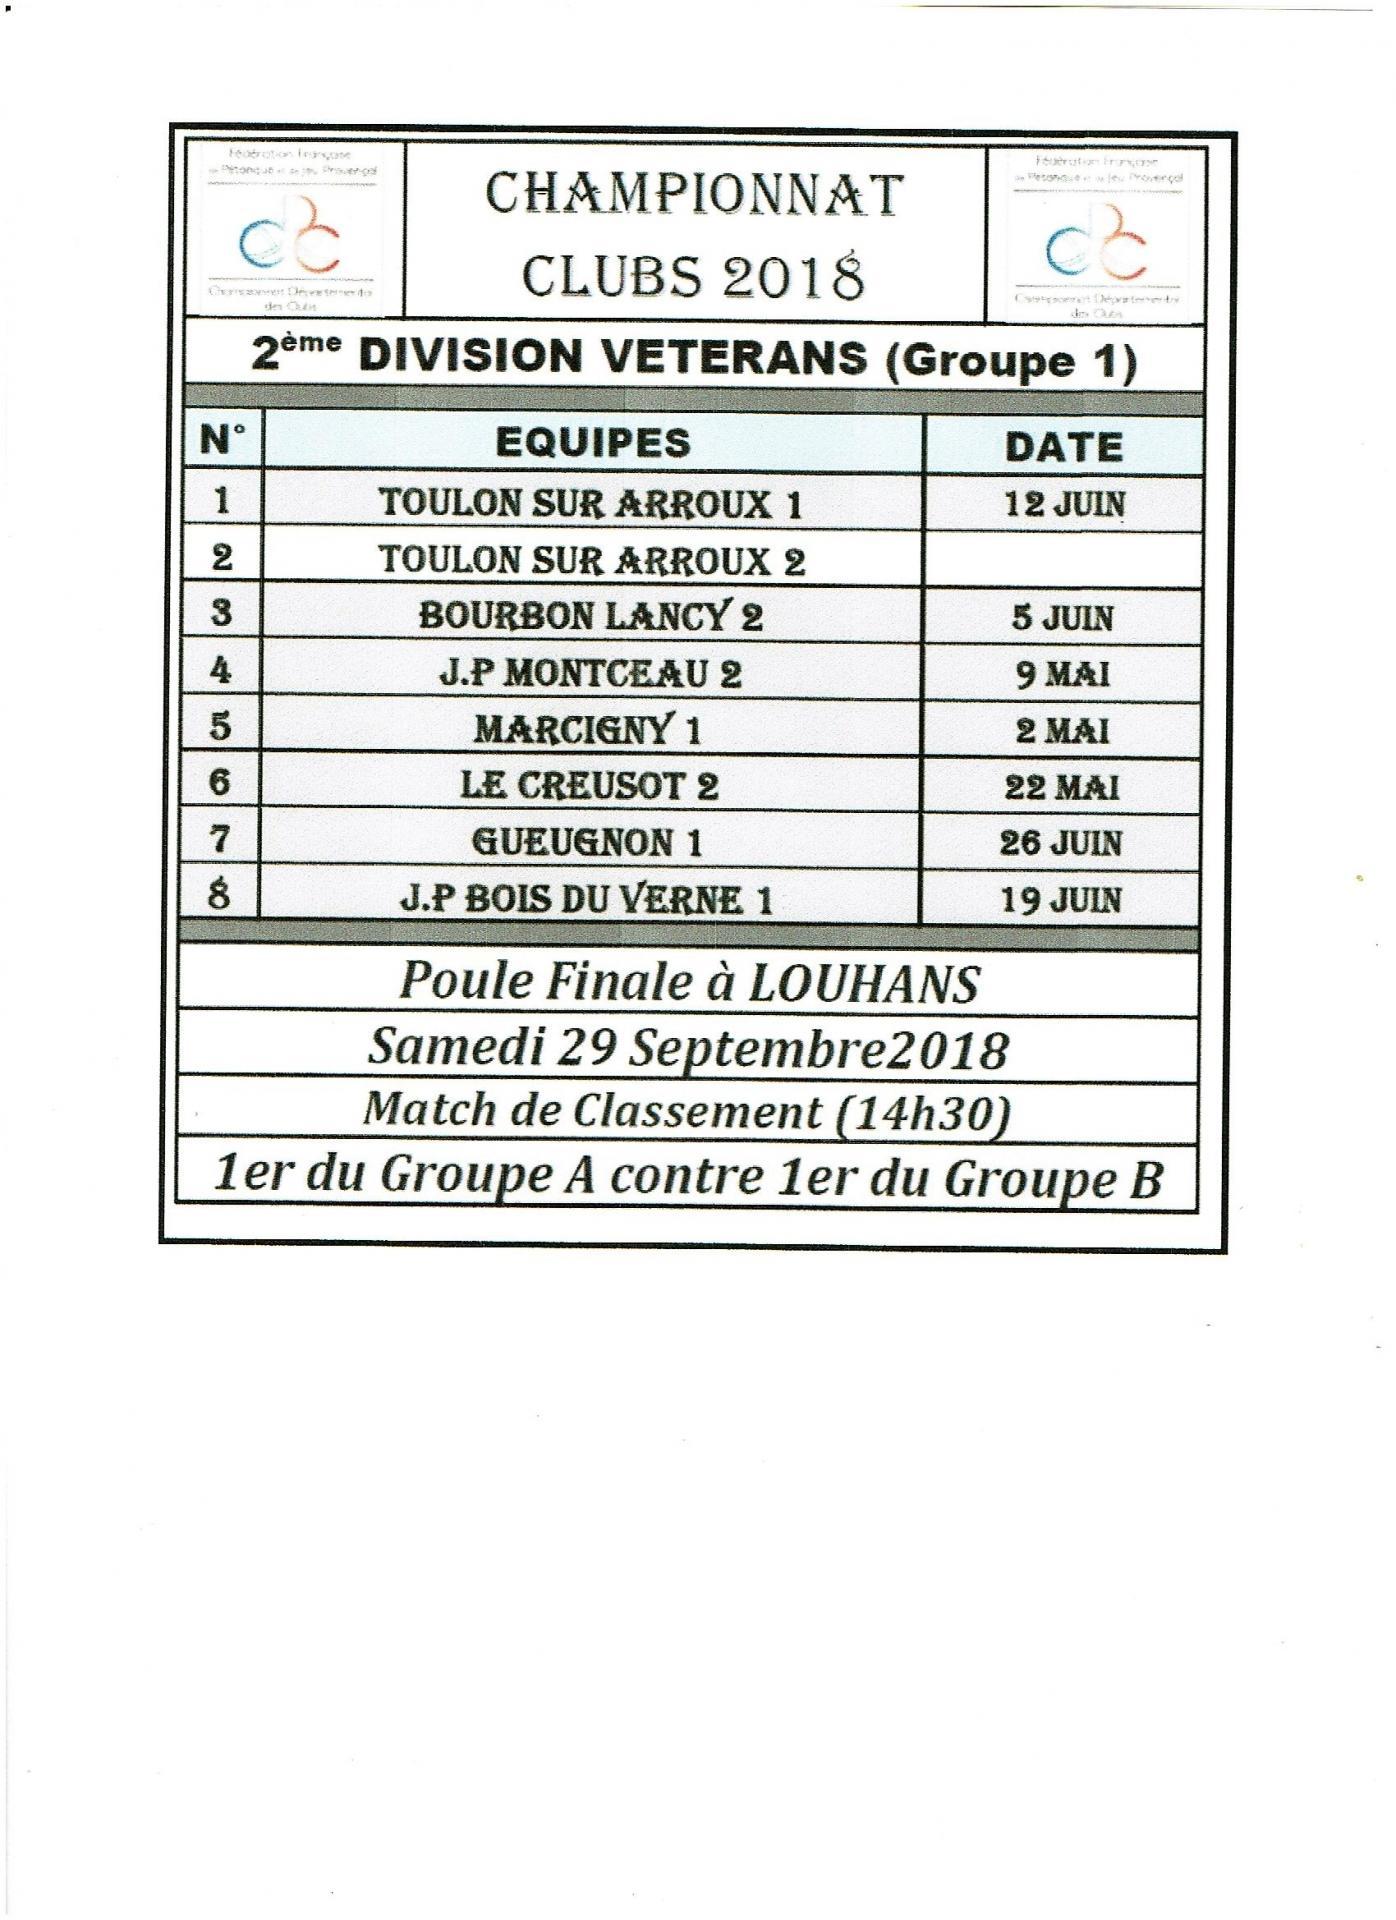 2eme division veterans g1